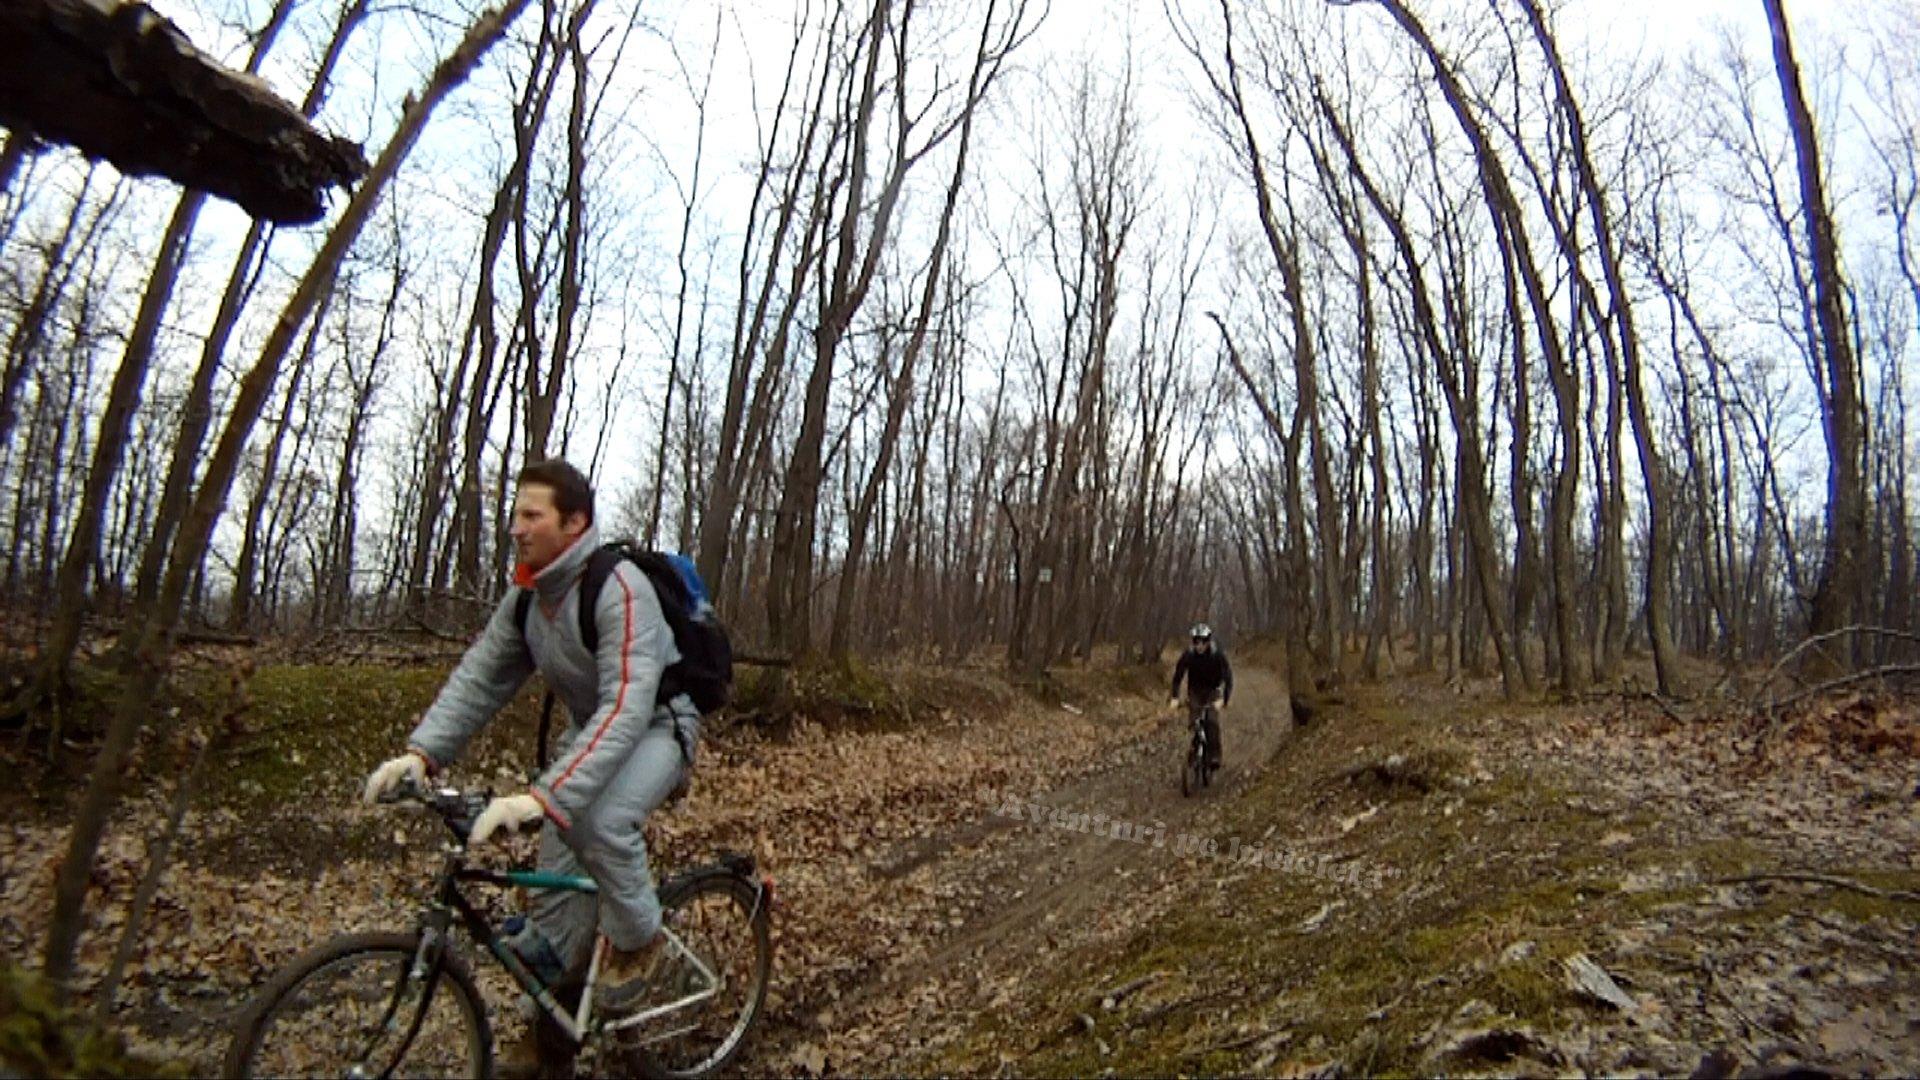 Tura de relaxare cu bicicleta in Judetul Arad : Siria – Feredeu – Siria